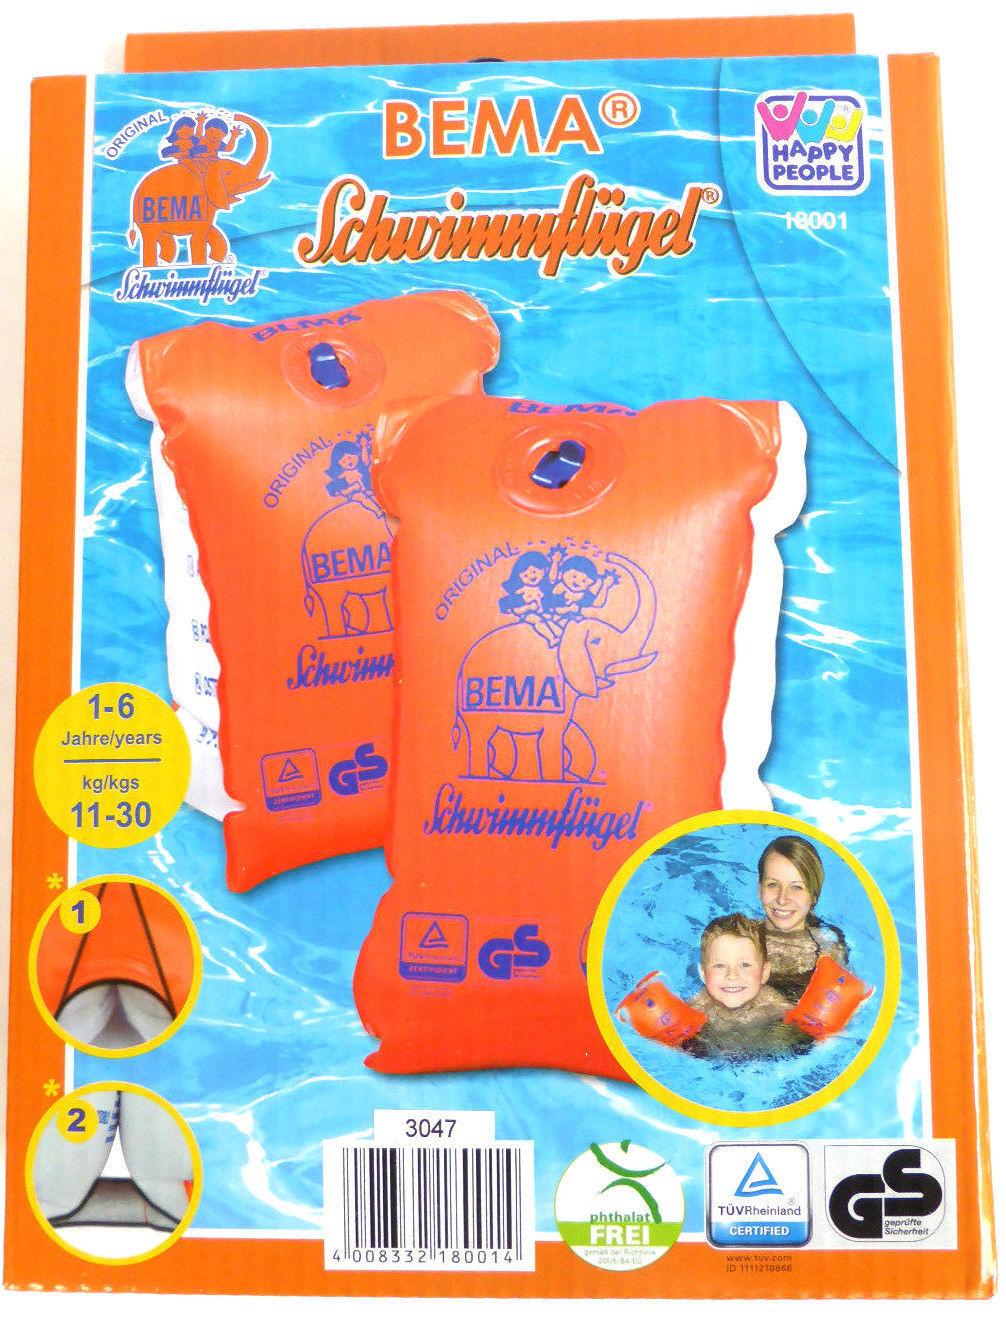 1-6 Jahre günstig kaufen Badespielzeug-Schwimmflügel Happy People Schwimmflügel Gr